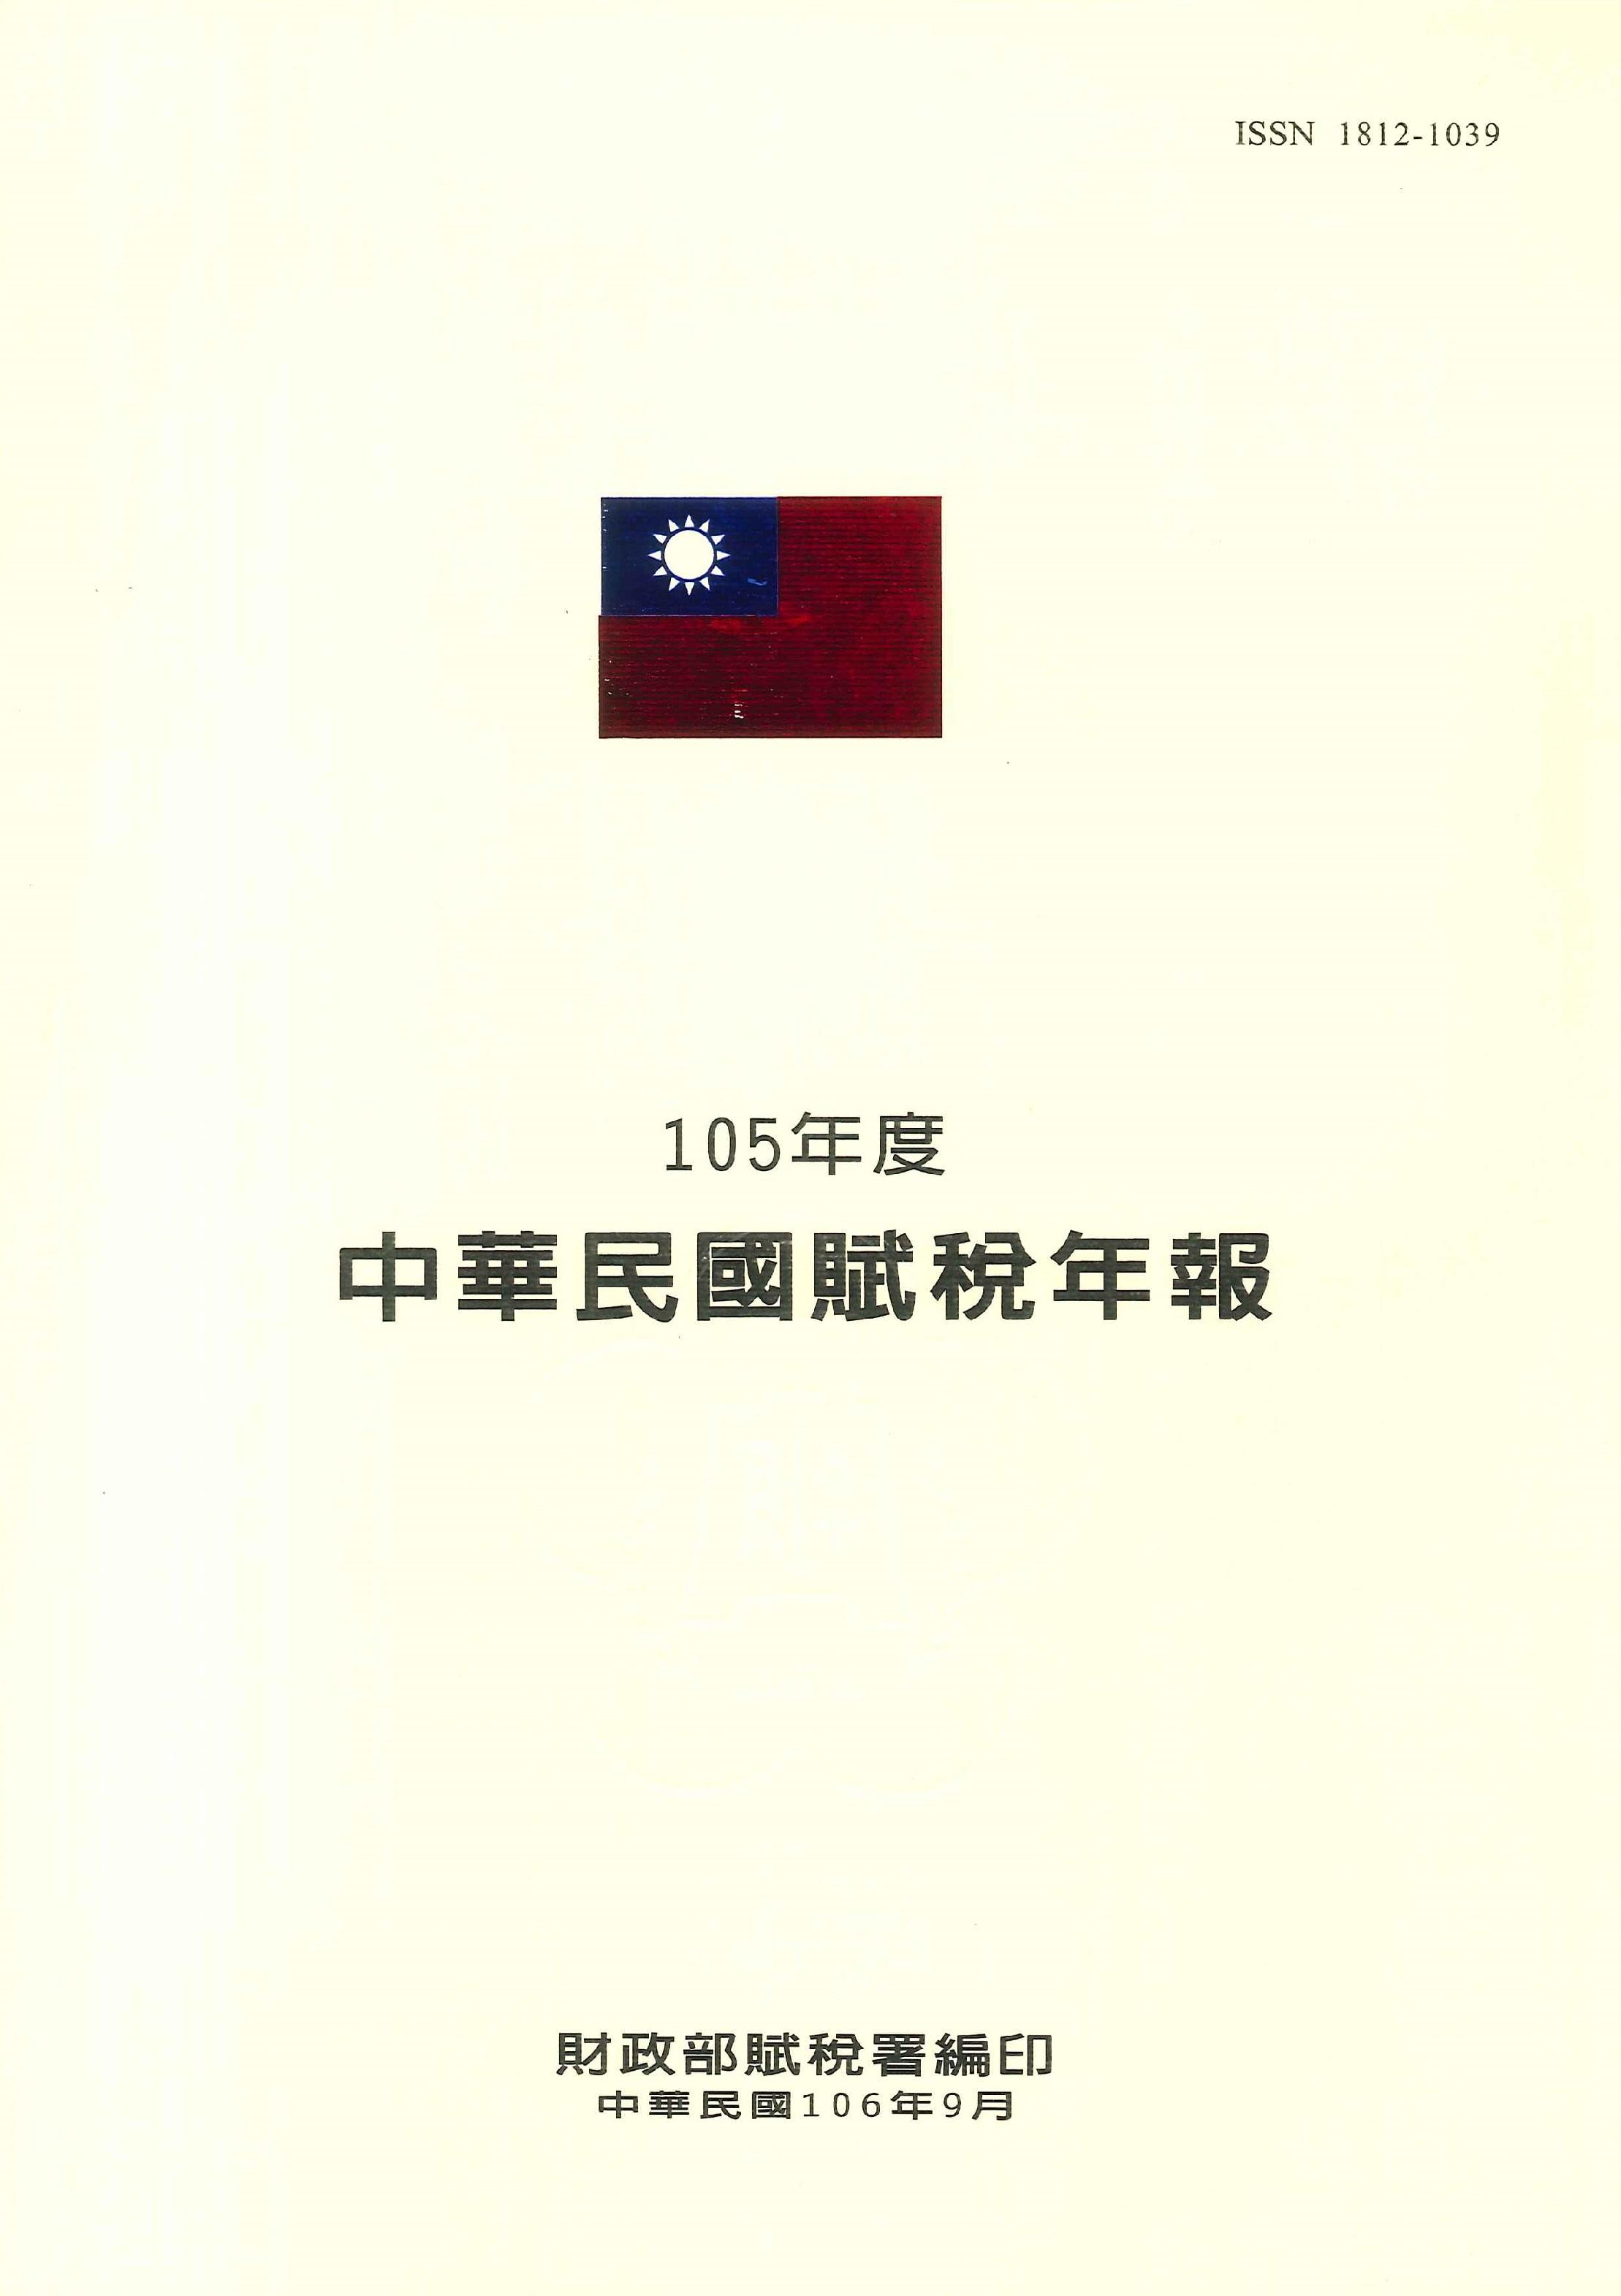 中華民國賦稅年報